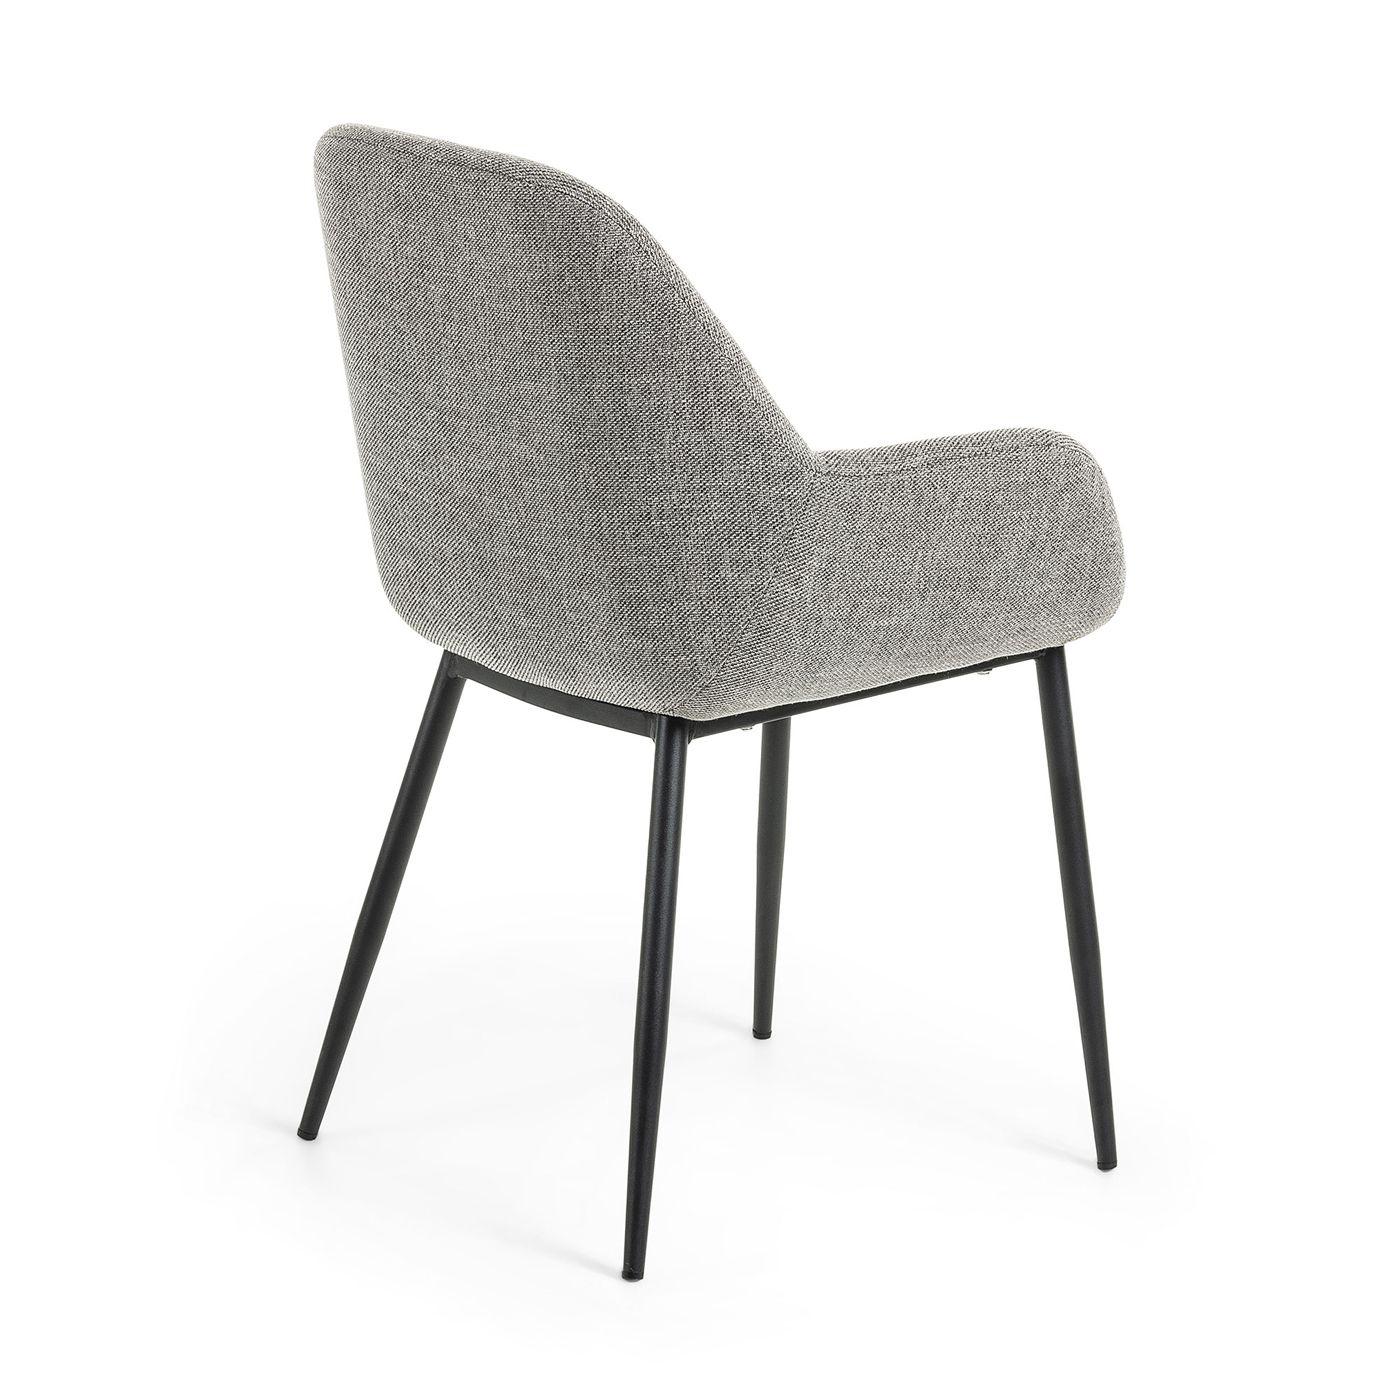 LaForma Koon Spisebordsstol - Grå